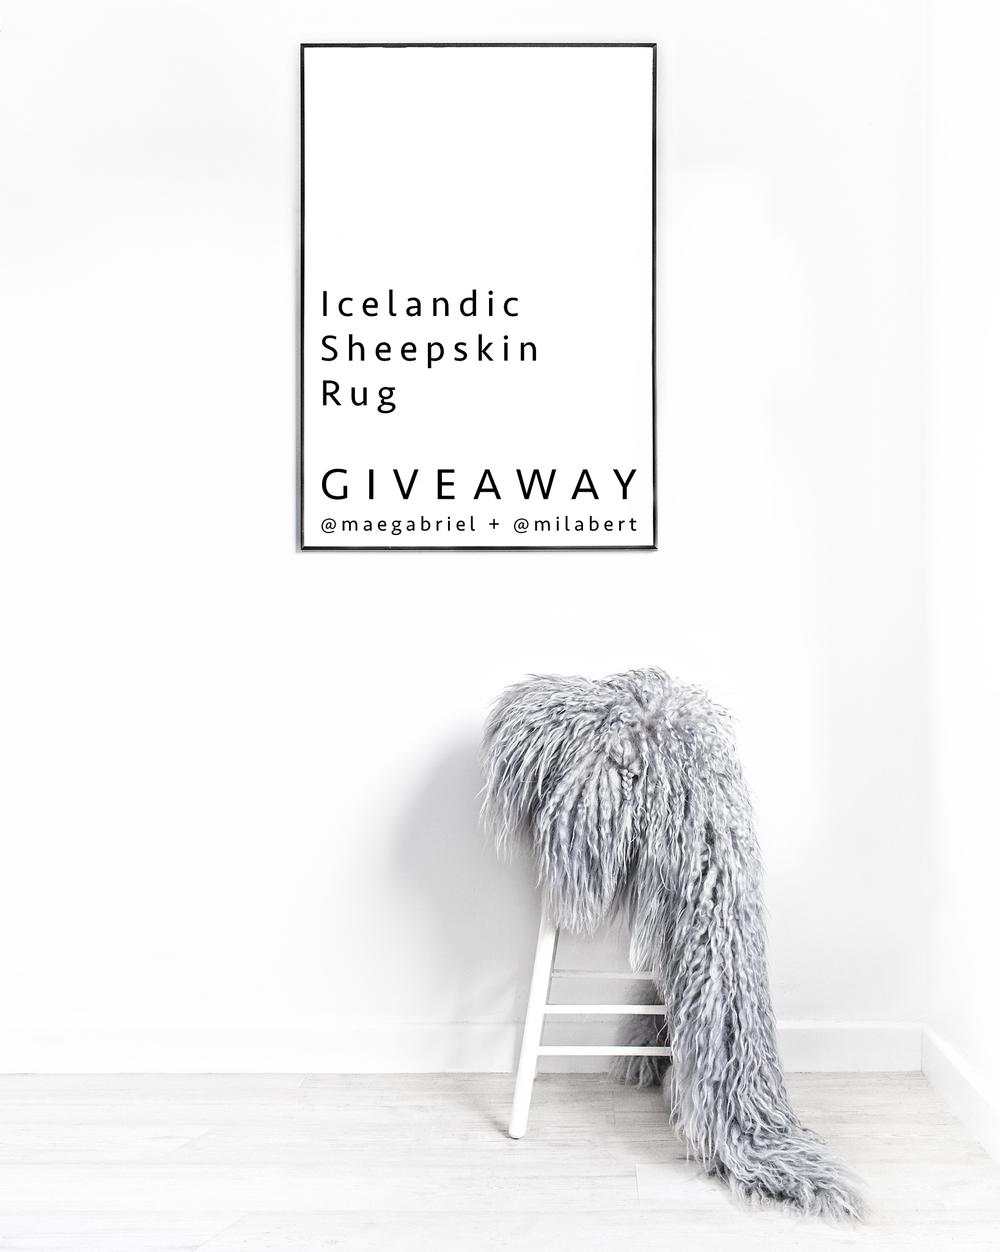 Milabert: Icelandic Sheepskin Rug GIVEAWAY!